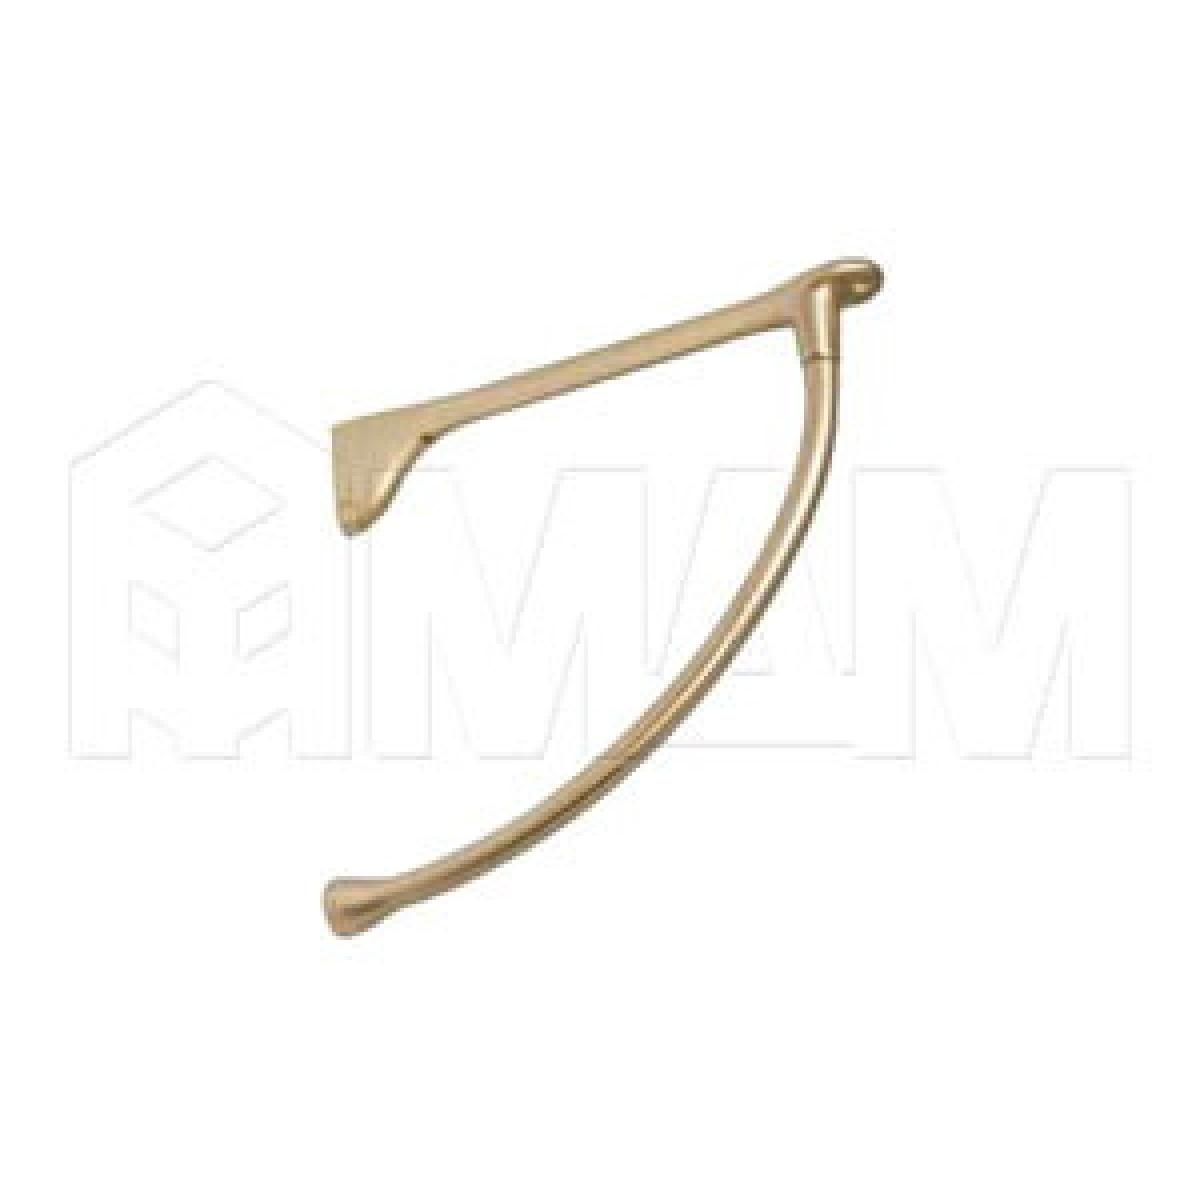 Менсолодержатель для деревянных полок L-240 мм, золото матовое (2 шт.)